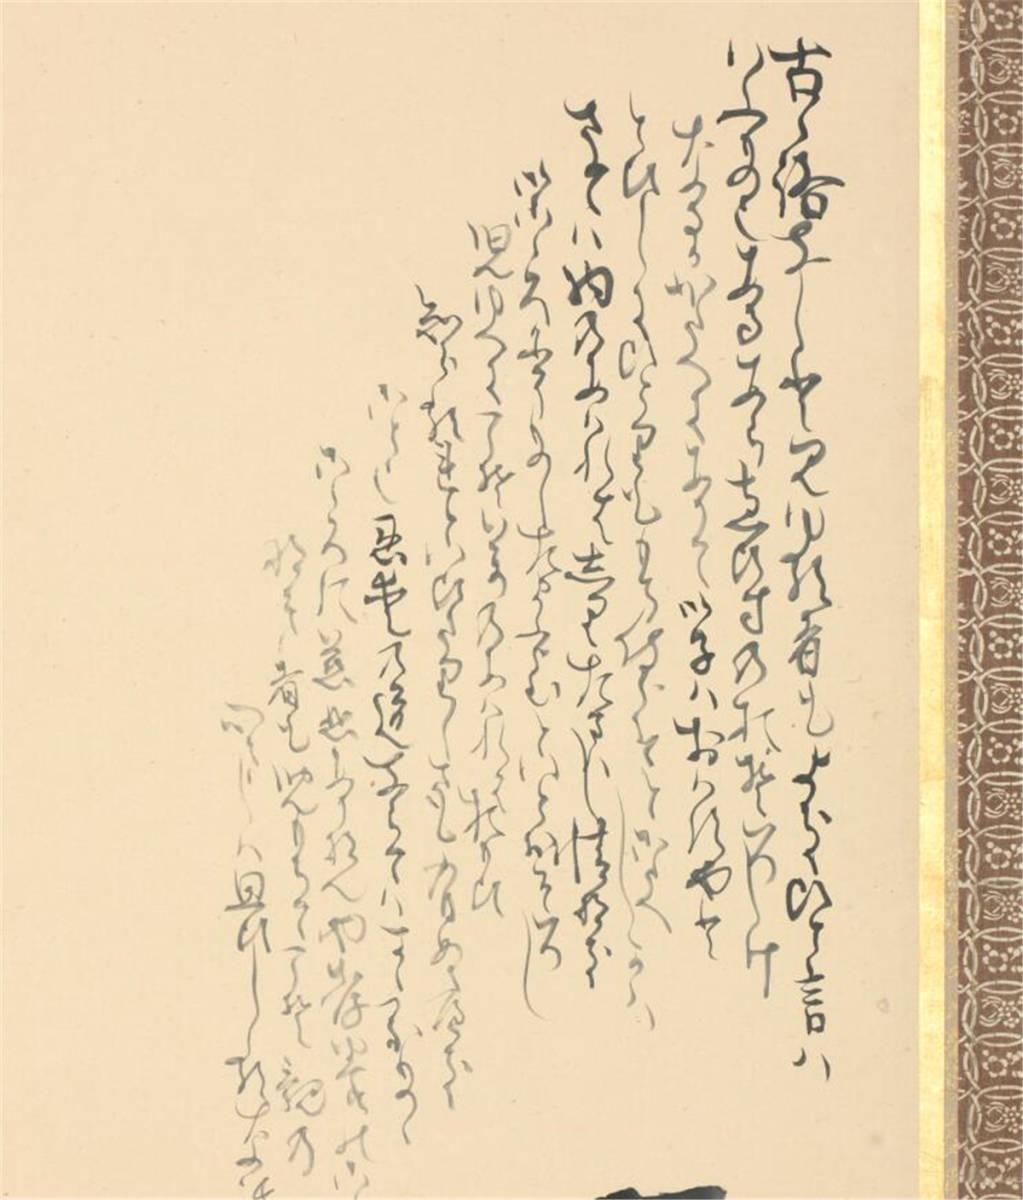 江戸後期の画家 絵画 閑散随筆146.5 *330.7cm_画像2